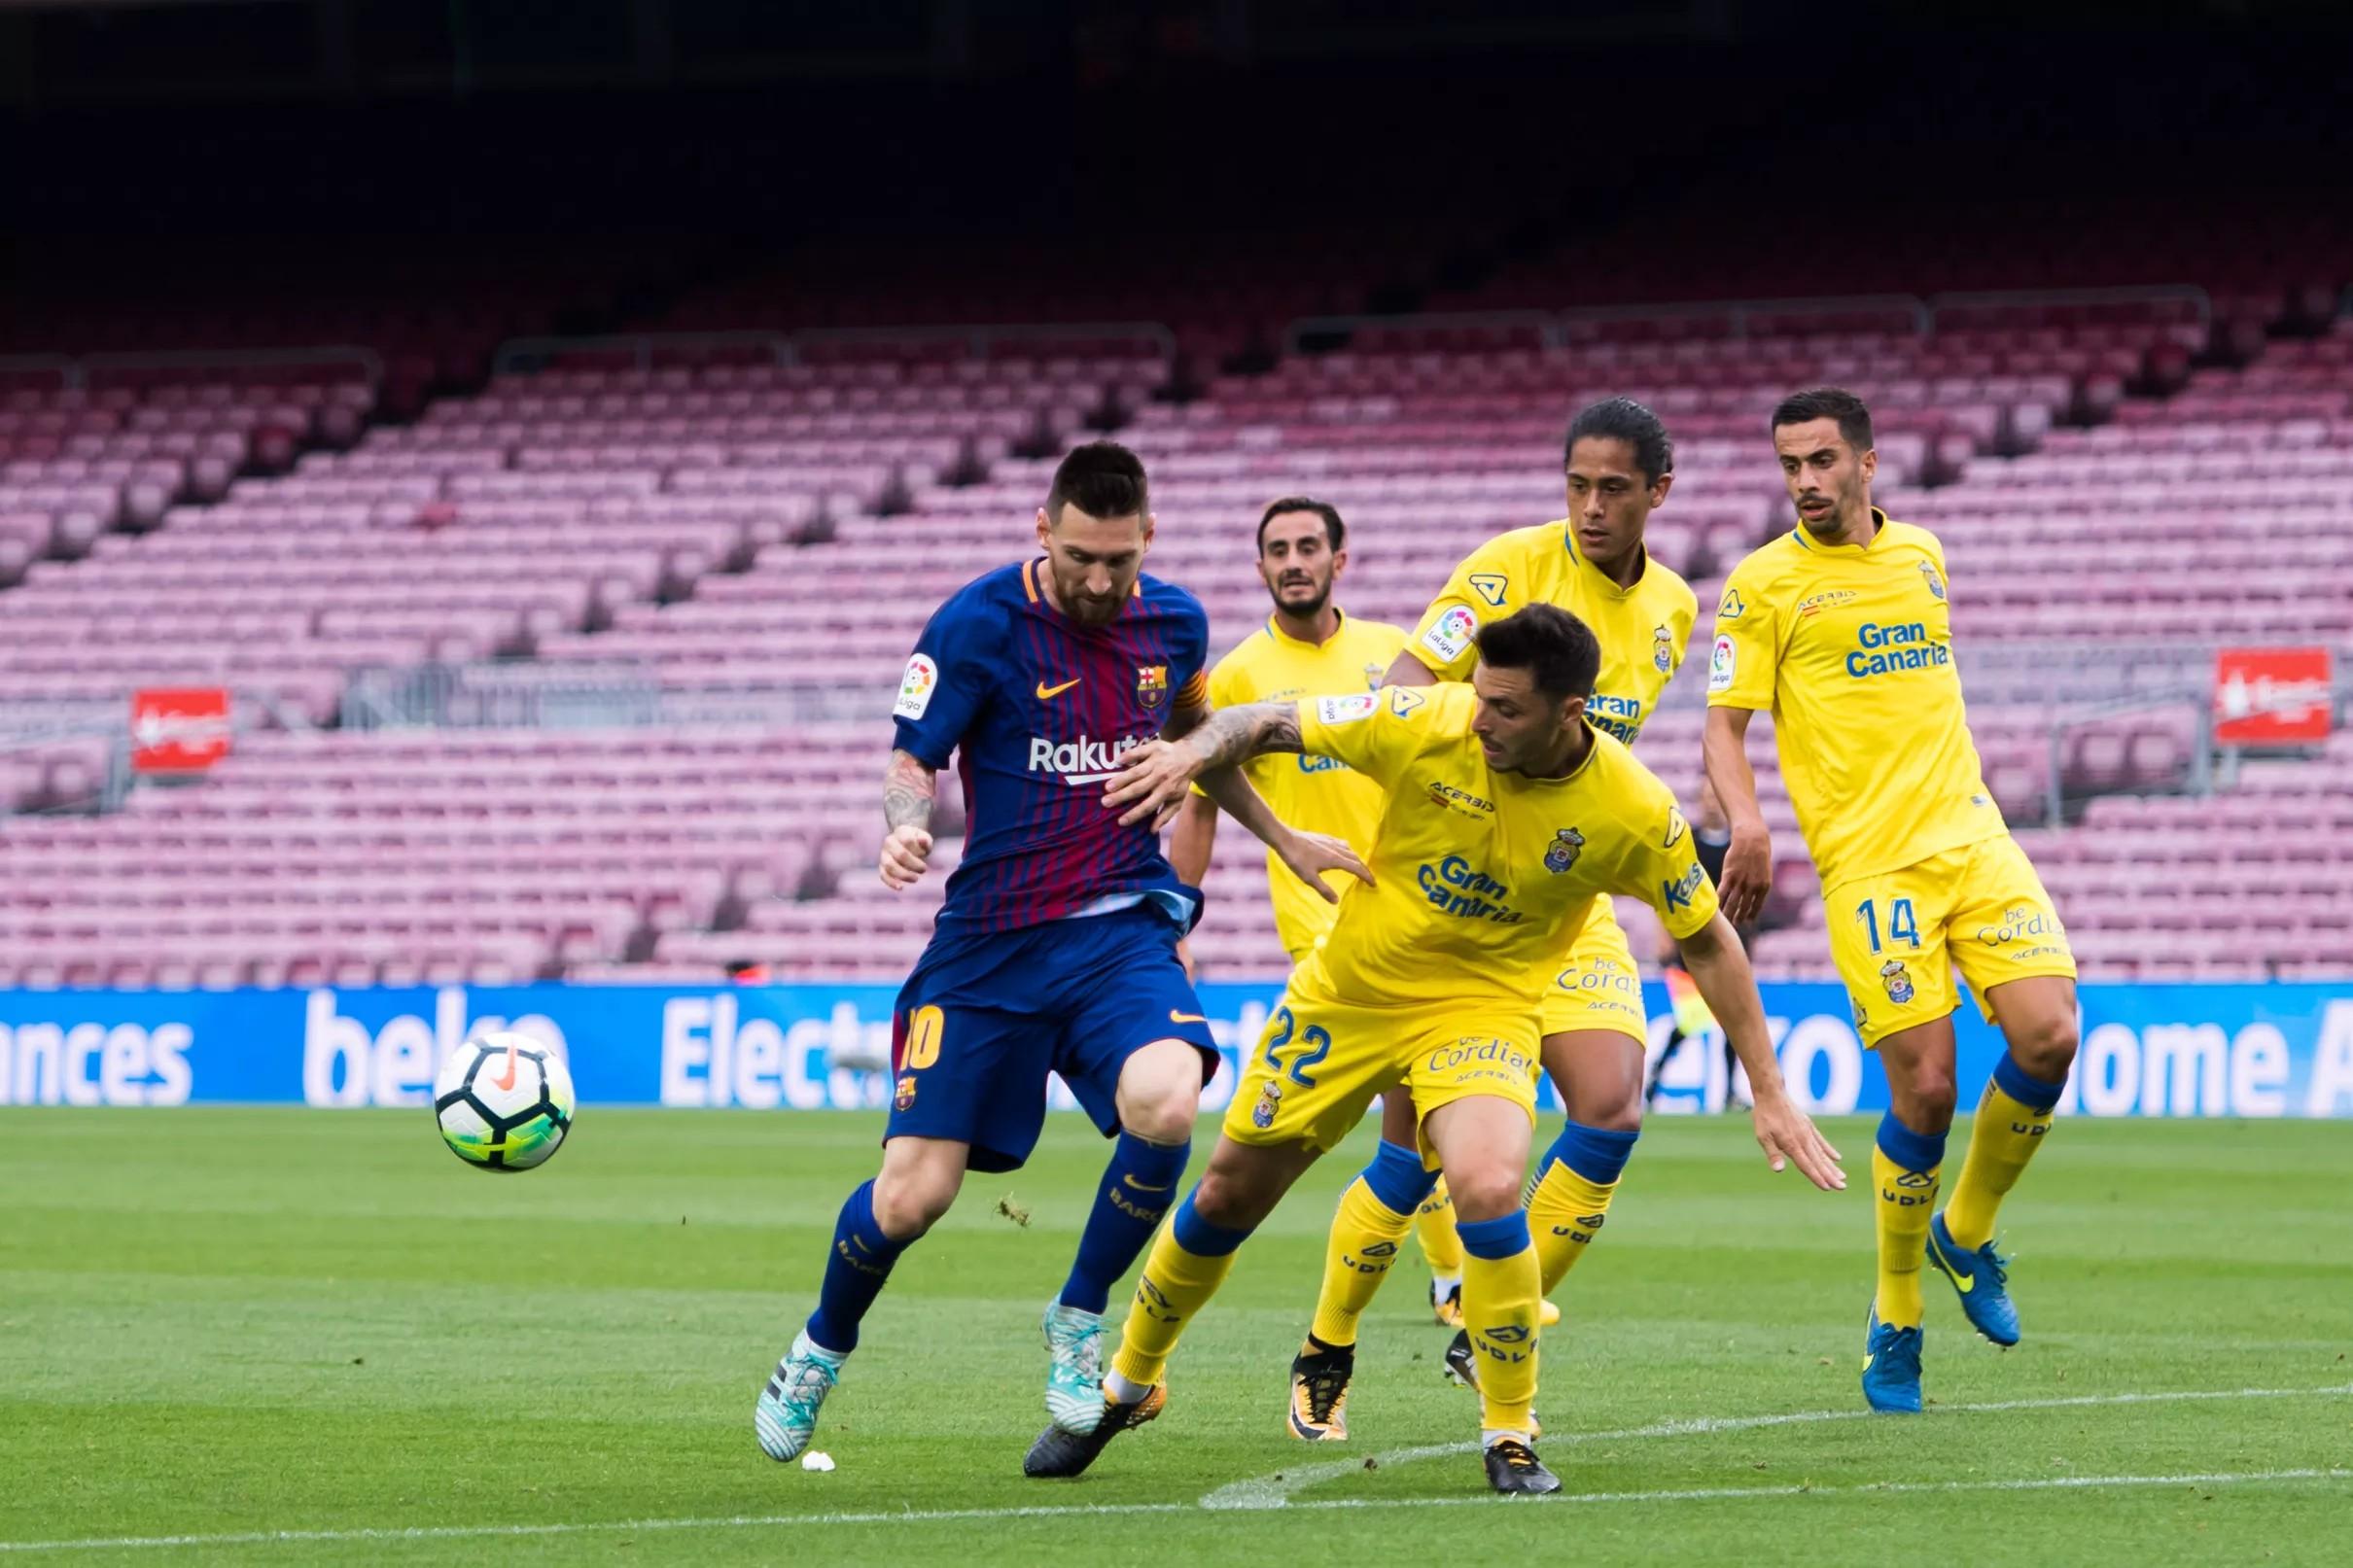 Fc Barcelona Las Palmas